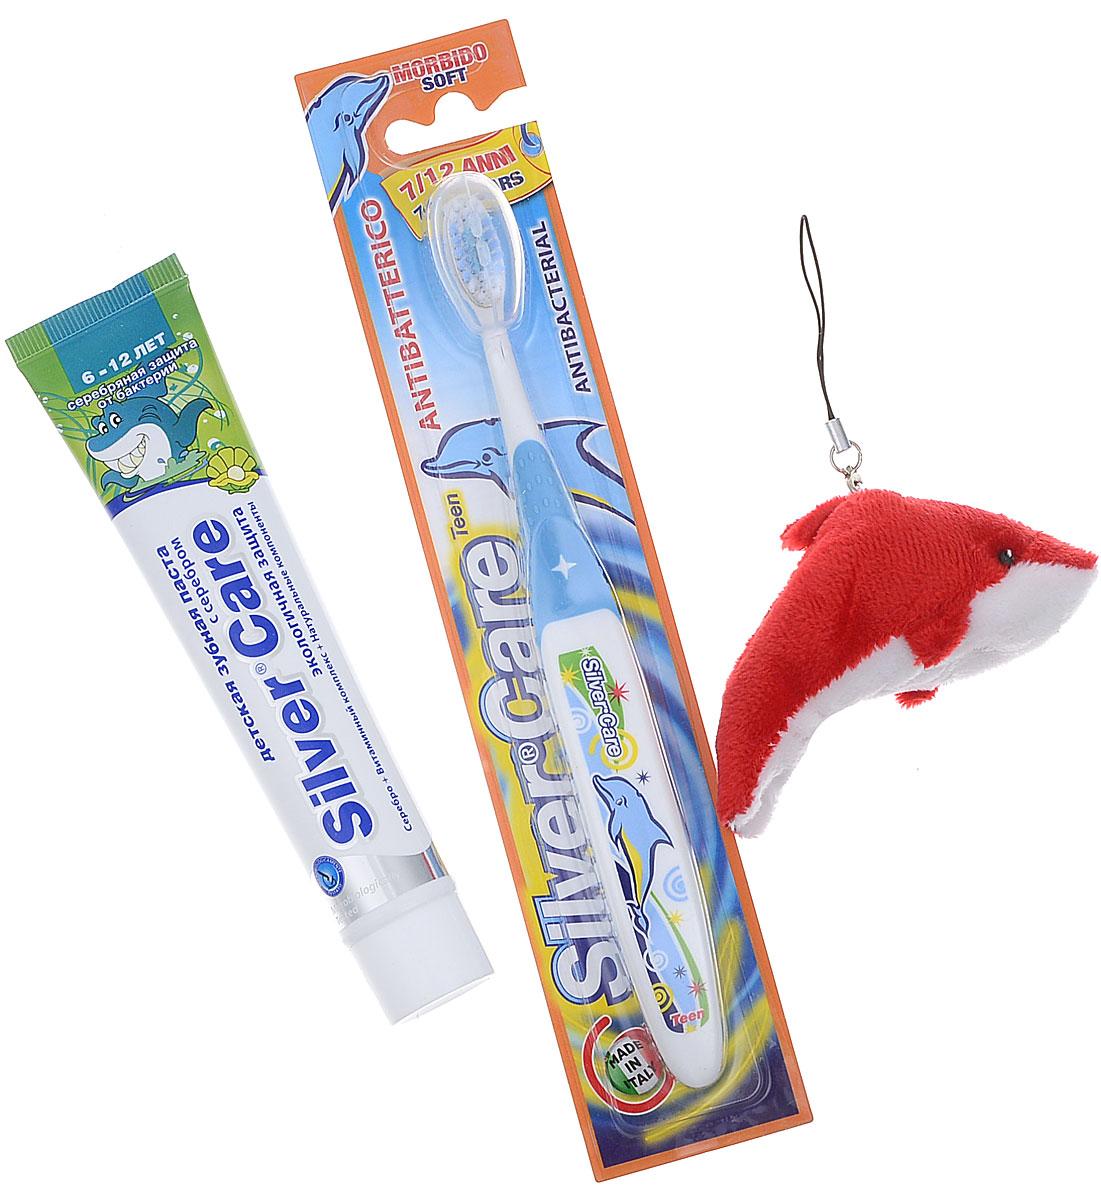 Silver Care Стоматологический набор для детей от 6 до 12 лет Мятный микс цвет щетки голубой26140_голубойЕсть такое хорошее английское выражение: родился с серебряной ложечкой во рту. И означает оно, что малыш появился на свет везучим и все у него сложится. Так пусть же ваши дети начинают и заканчивают день, заряжаясь положительной энергией и при этом избавляясь от всех бактерий в полости рта. Такую возможность дарит производитель детских зубных паст и щеток Silver Care. Компания одна из первых запатентовала такую новинку, как щетка с серебряным покрытием. Эффективность напыления была подтверждена исследованиями, проведенными в Миланском университете. Специалисты доказали: драгоценный металл на поверхности зубной щетки убивает бактерии, вызывающие кариес, заболевания и воспаления десен. Доказанная антибактериальная активность серебра стала основанием для создания зубных паст на основе серебра. Silver Care стоматологический набор для детей от 6 до 12 лет. В комплект входит:- антибактериальная зубная щетка Silver Care с 7 до 12 лет; - зубная паста Silver Care с серебром от 6 до 12 лет с приятным мятным вкусом; - мягкая игрушка.Теперь повседневная чистка зубов превратится в увлекательный и познавательный процесс!УВАЖАЕМЫЕ КЛИЕНТЫ! Обращаем ваше внимание на возможные изменения в цветовом дизайне, связанные с ассортиментом продукции. Поставка осуществляется в зависимости от наличия на складе.